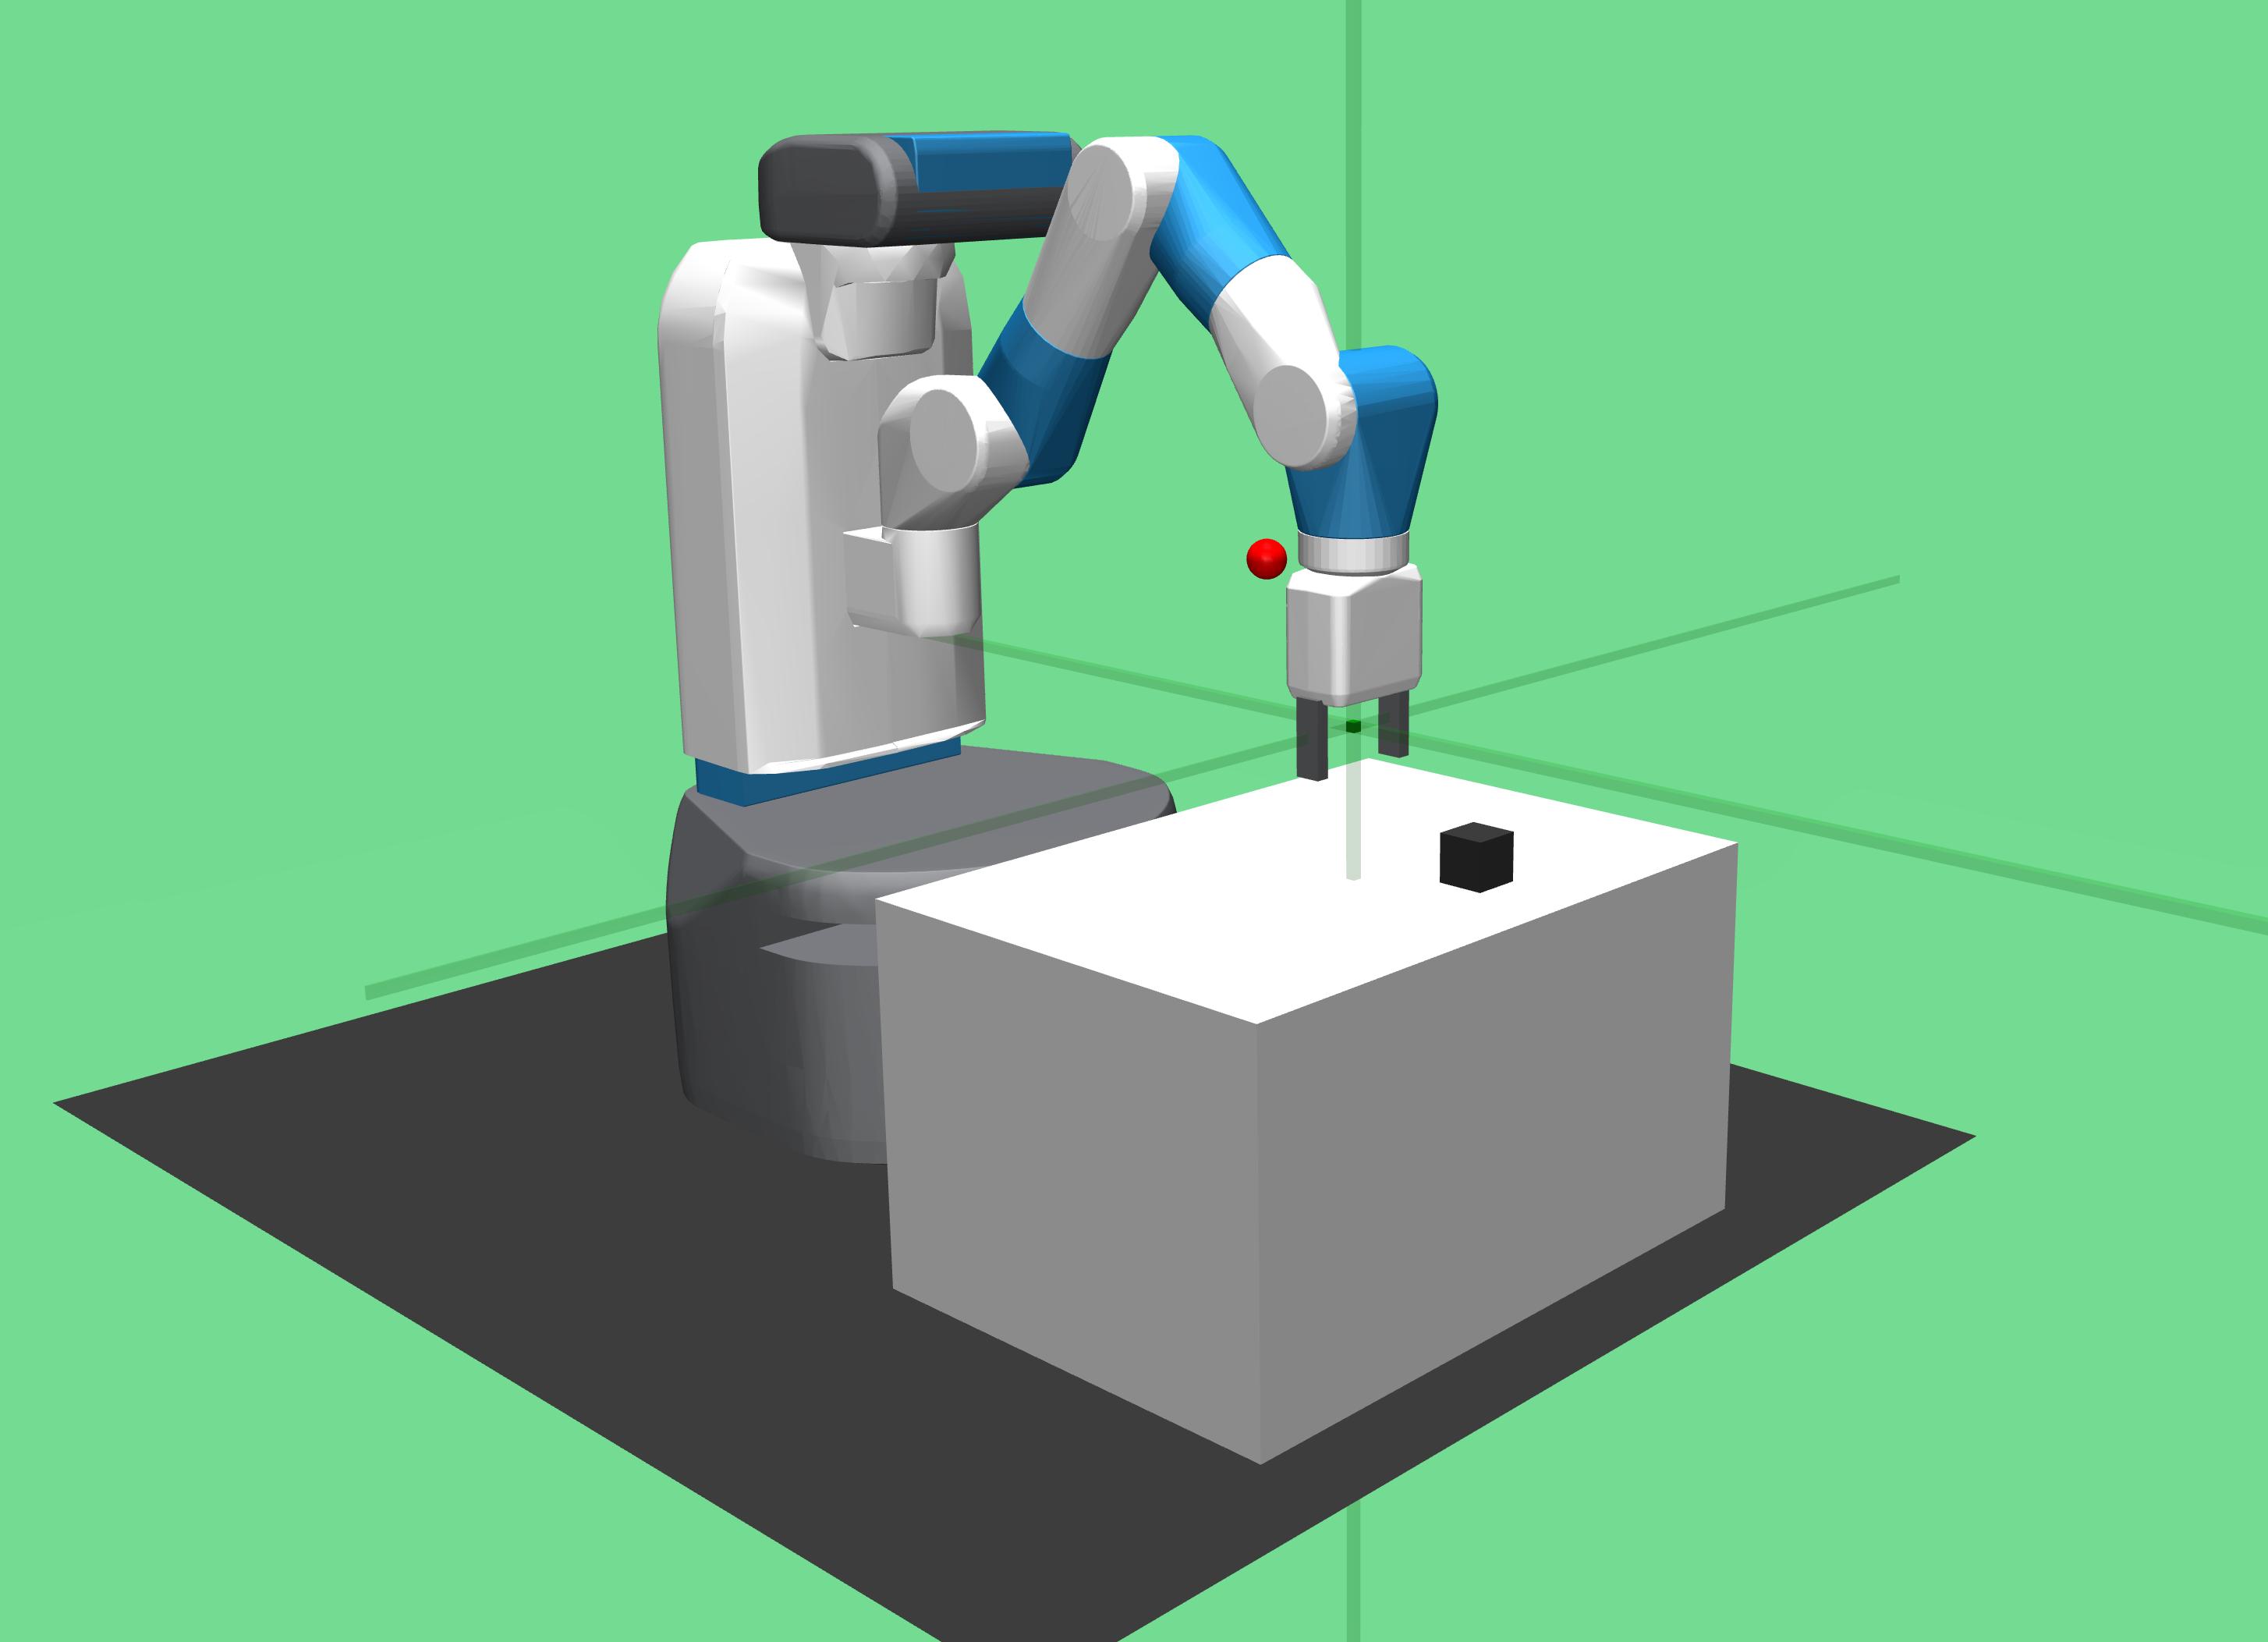 openai发布8个模拟机器人环境以及一种her实现,以训练